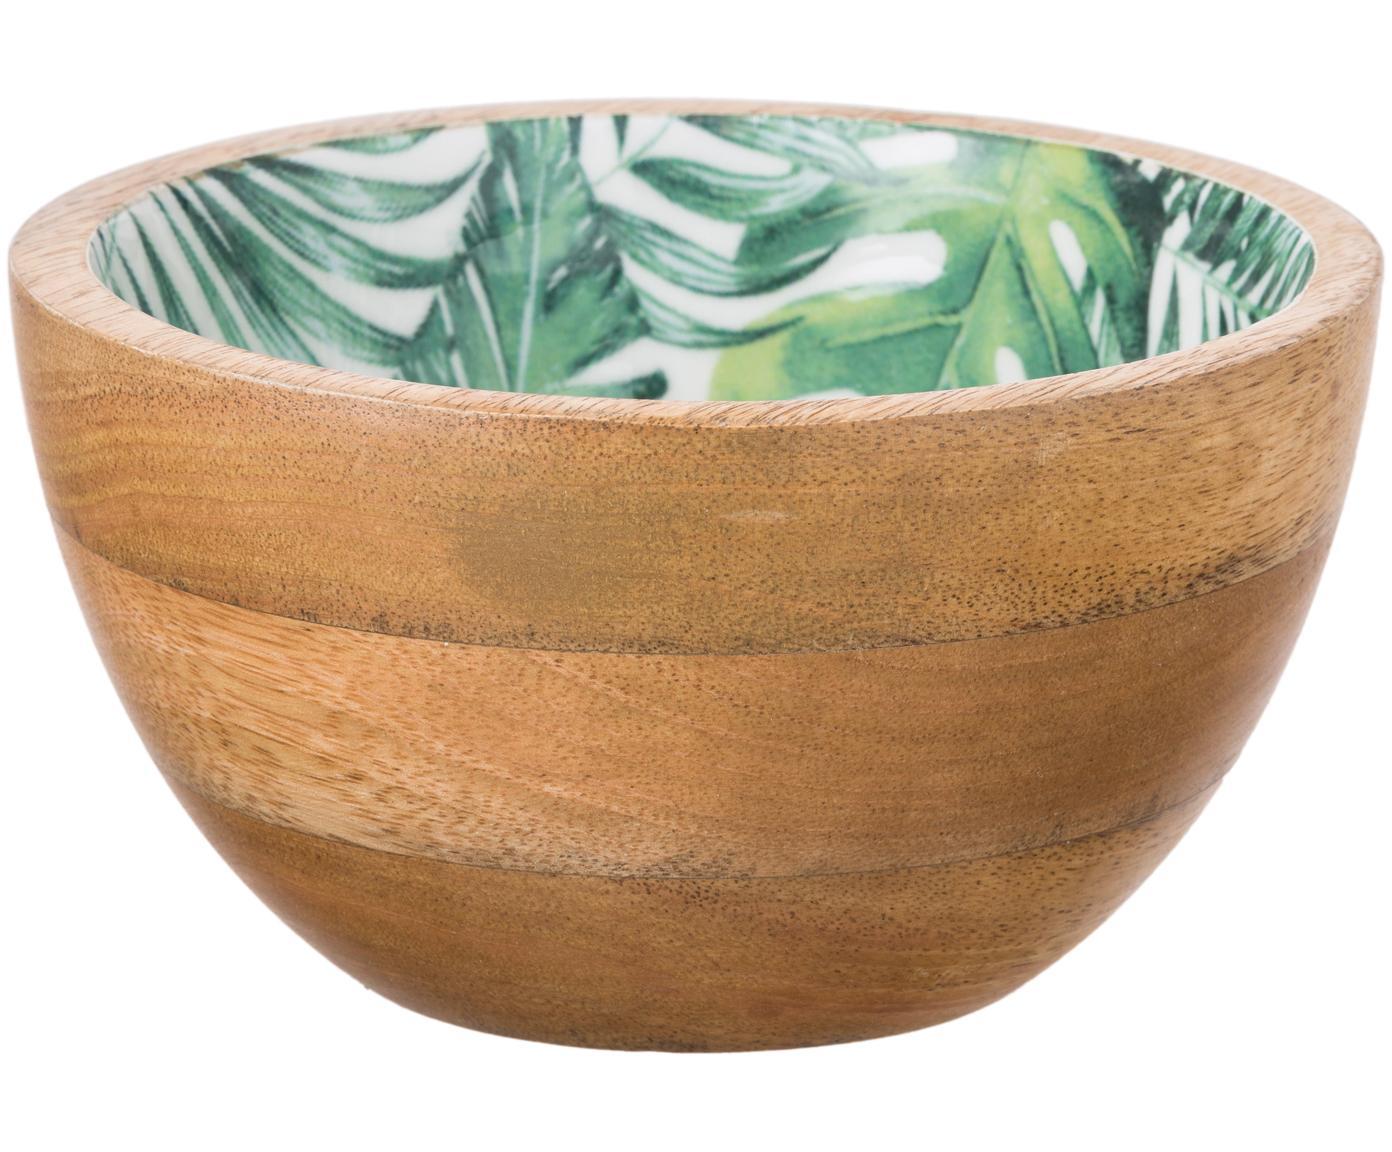 Schälchen Alina aus Mangoholz, Mangoholz, Mangoholz, Grün, Weiss, Ø 16 x H 9 cm